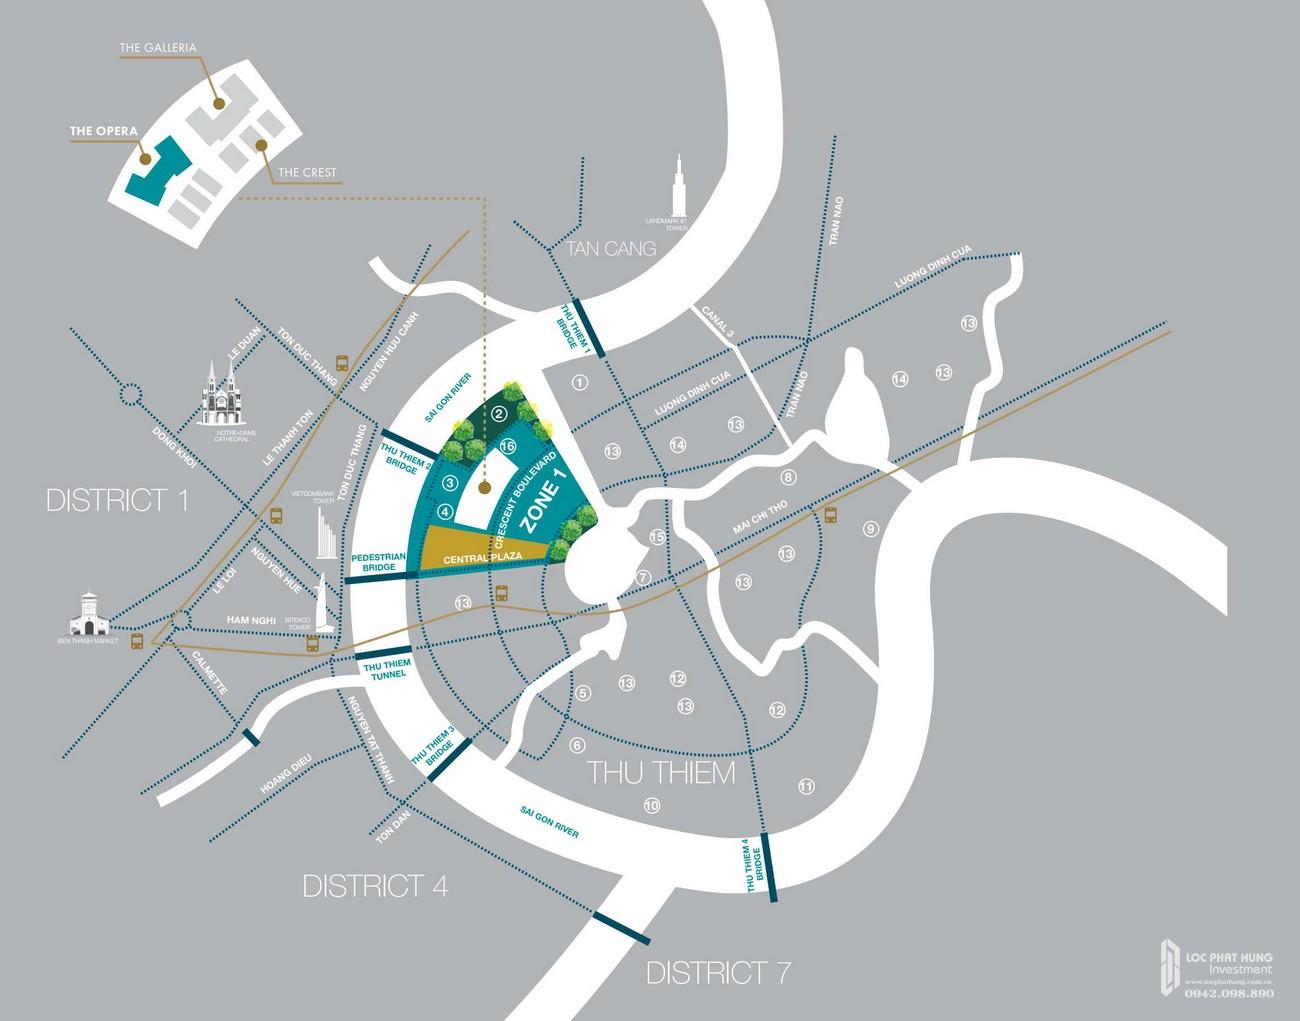 Vị trí địa chỉ dự án căn hộ chung cư The Opera Residence Thủ Thiêm chủ đầu tư Sơn Kim Land